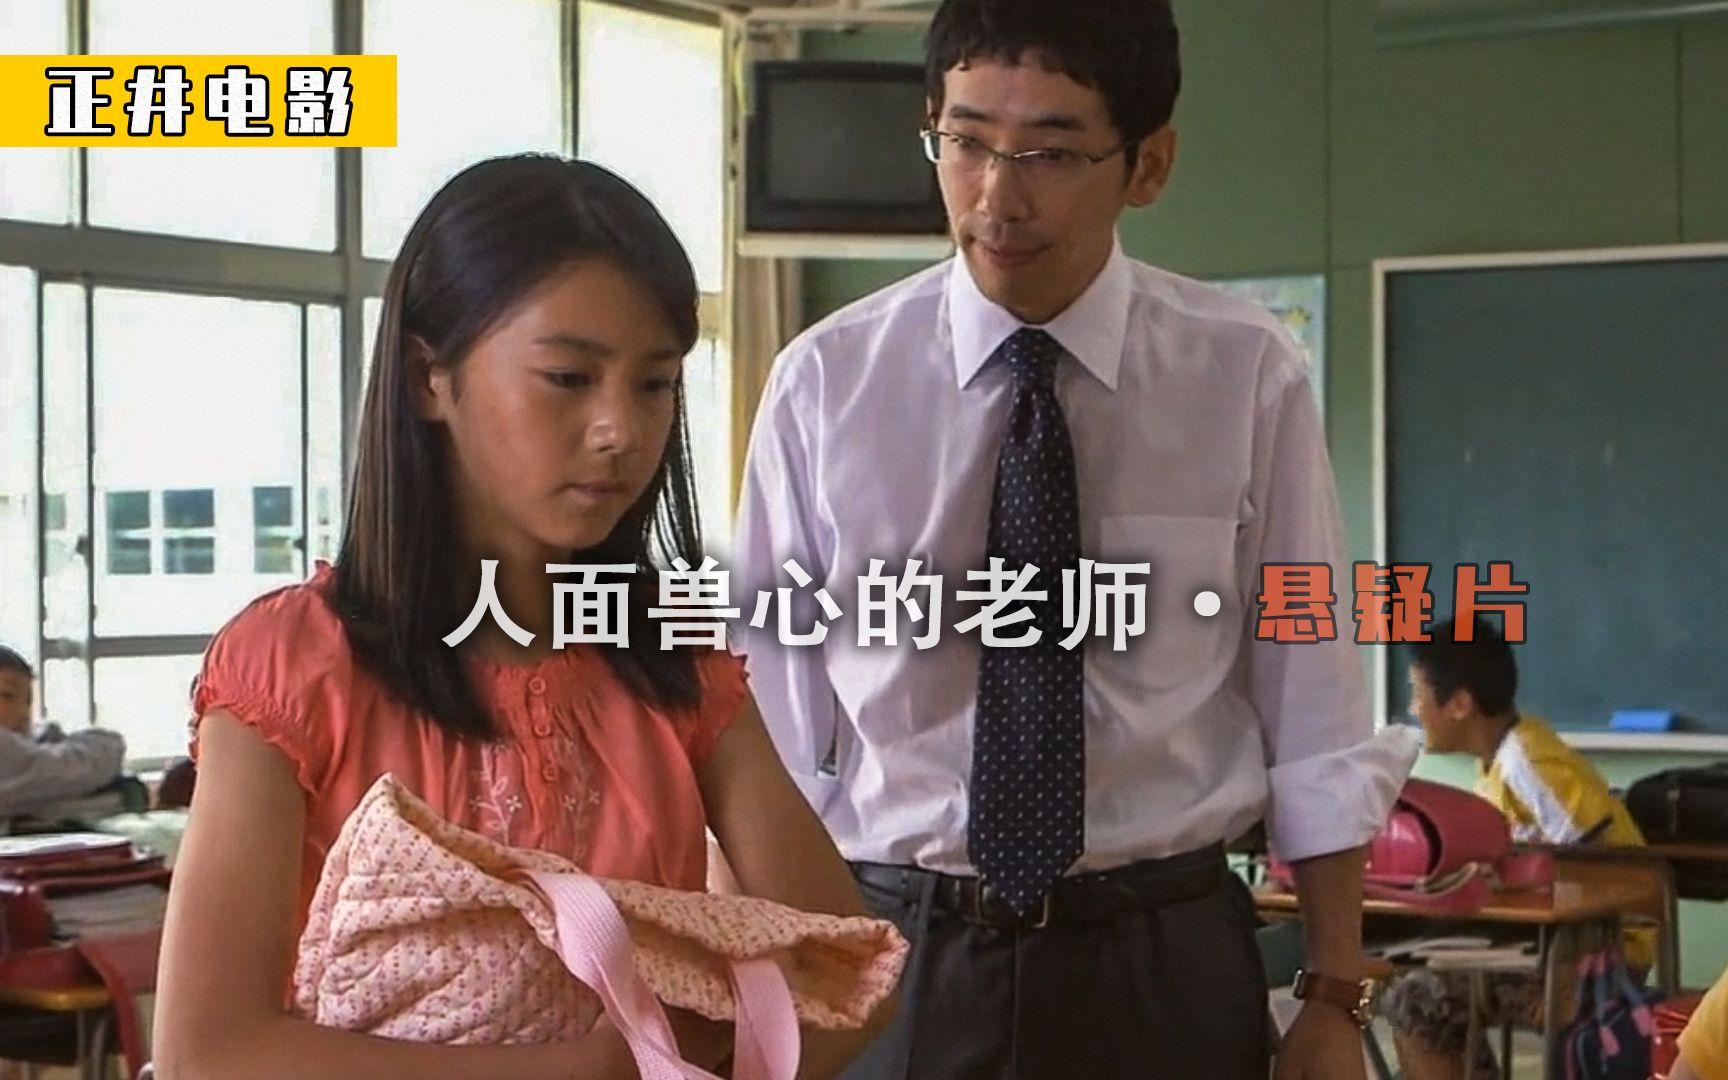 人面兽心的老师,检查书包知道了女学生的秘密,电影《鸡皮疙瘩》